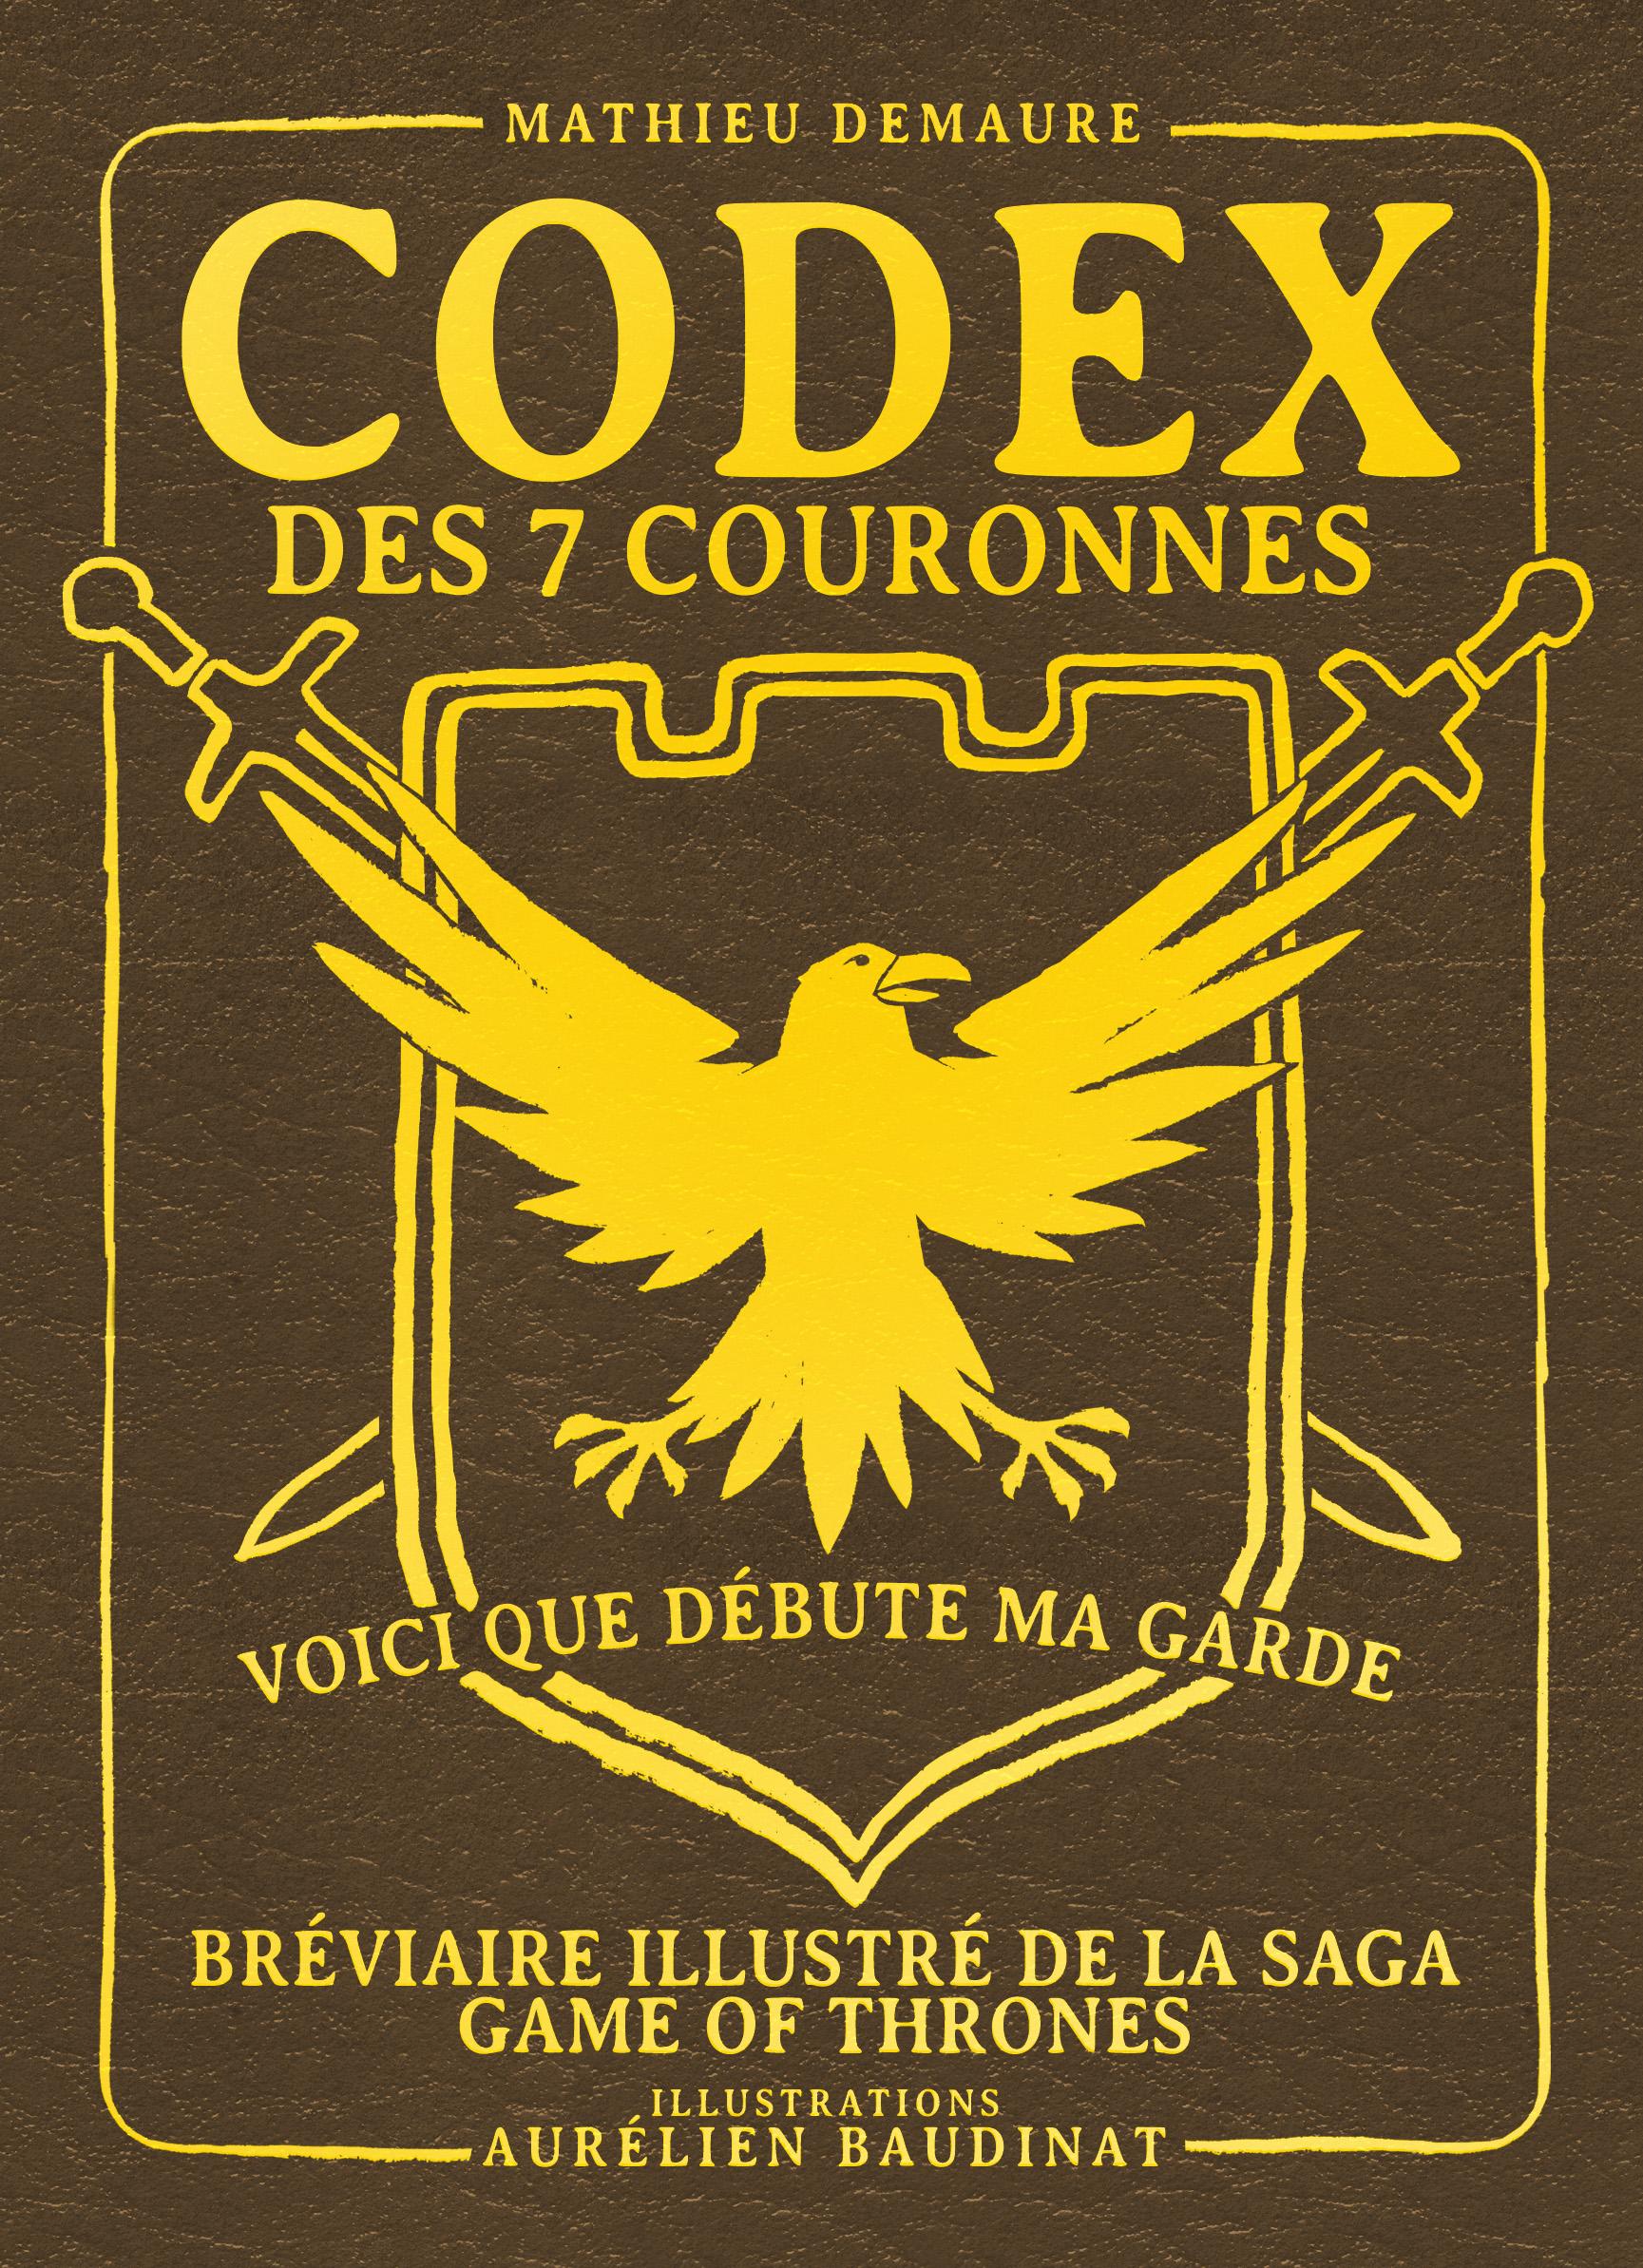 C1_codex Game of Thrones